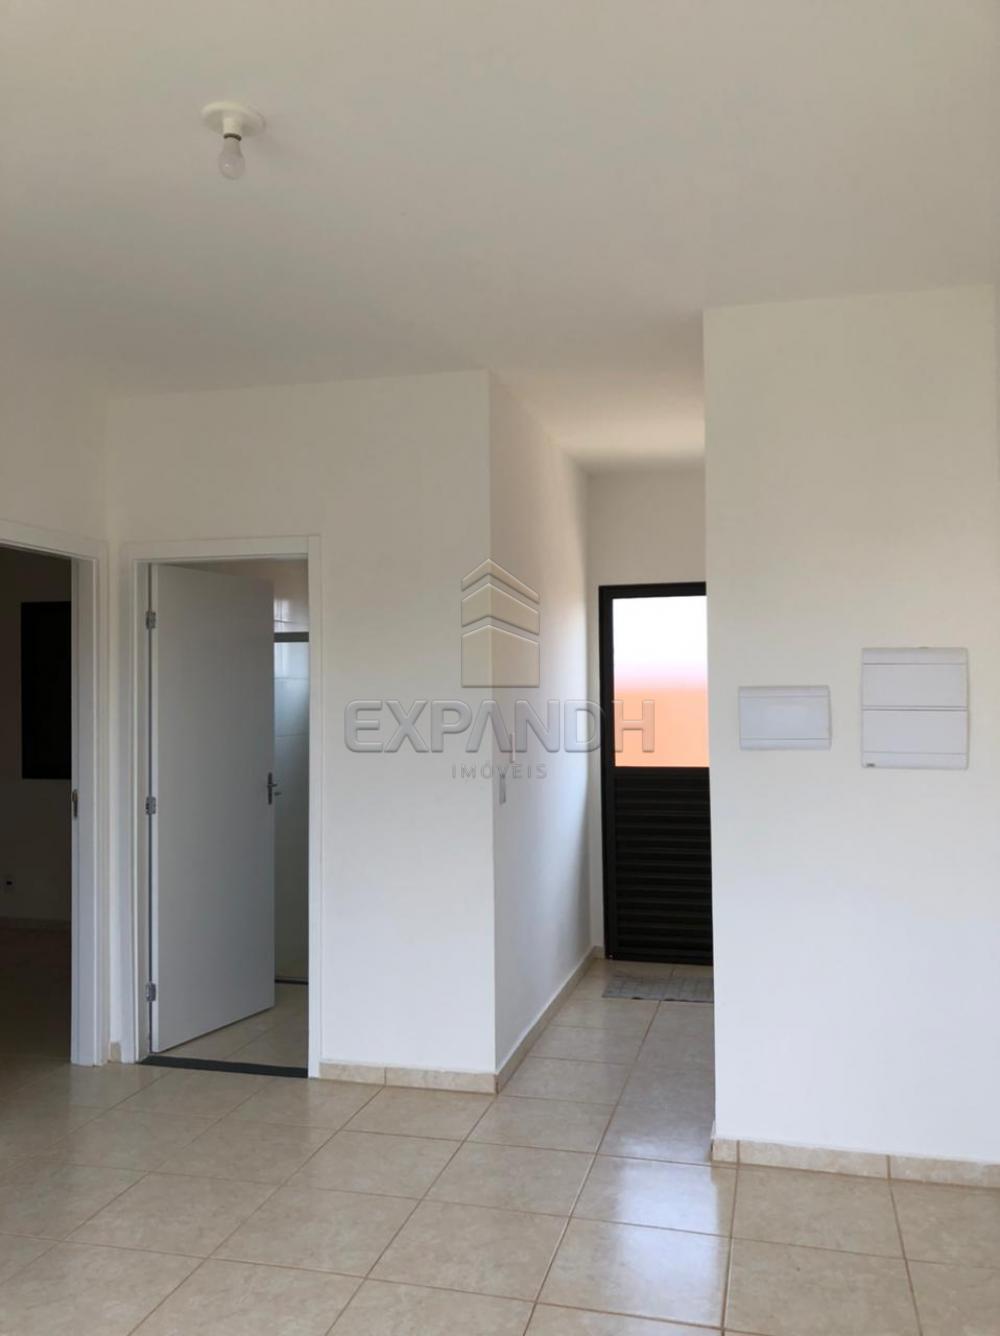 Alugar Casas / Padrão em Sertãozinho R$ 850,00 - Foto 3